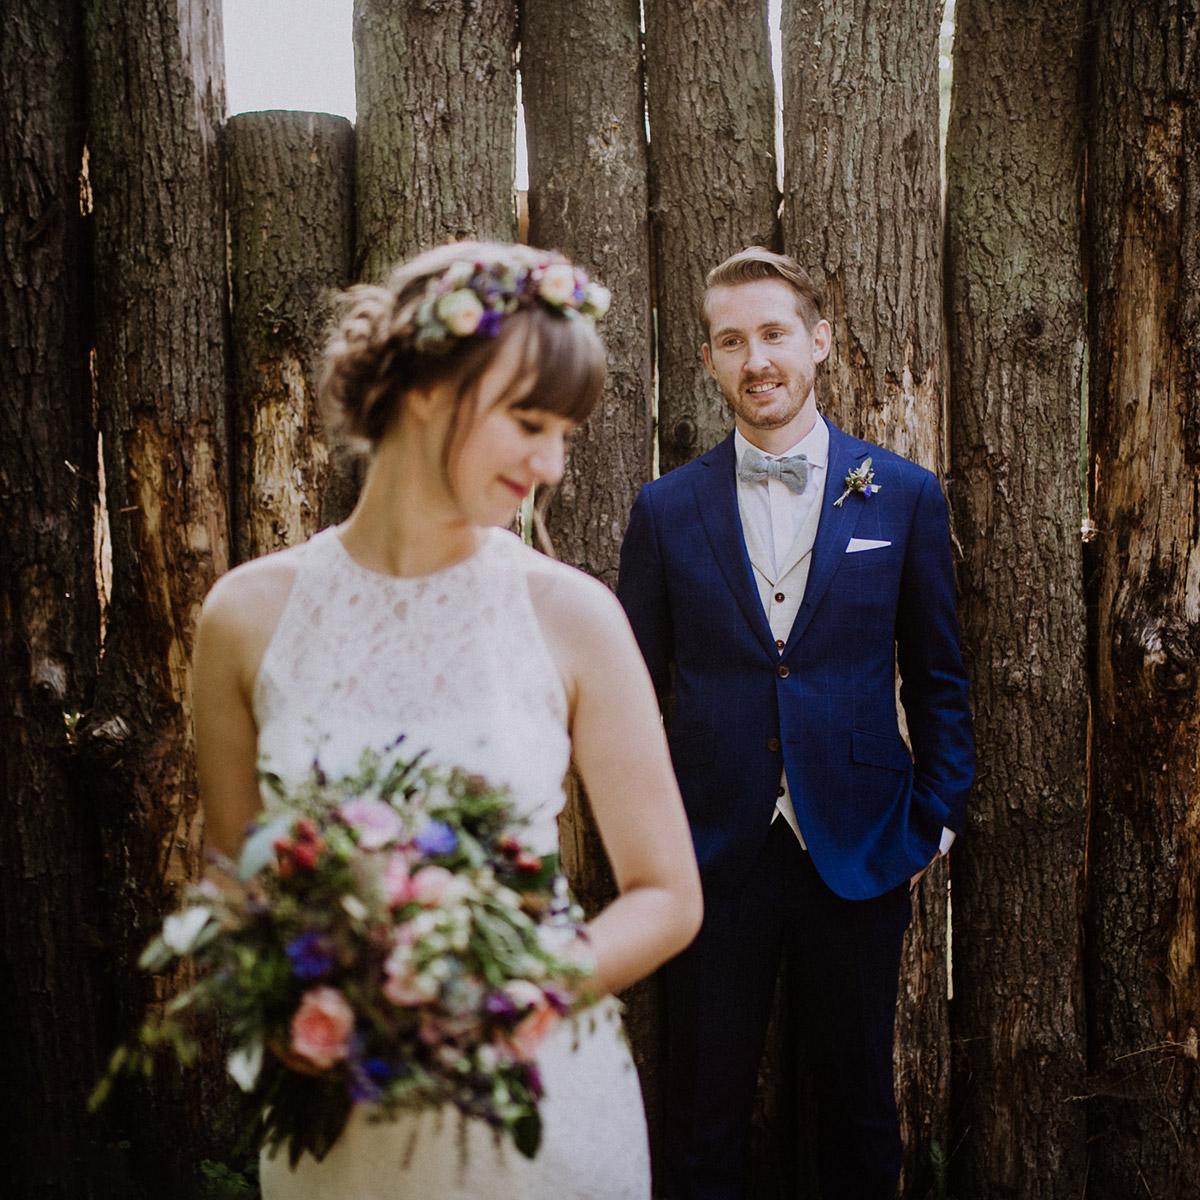 künstlerisches Hochzeitsfoto Brautpaar Museumsdorf Düppel Hochzeit - Hochzeitsvilla Zehlendorf Berlin Hochzeitsfotograf © www.hochzeitslicht.de